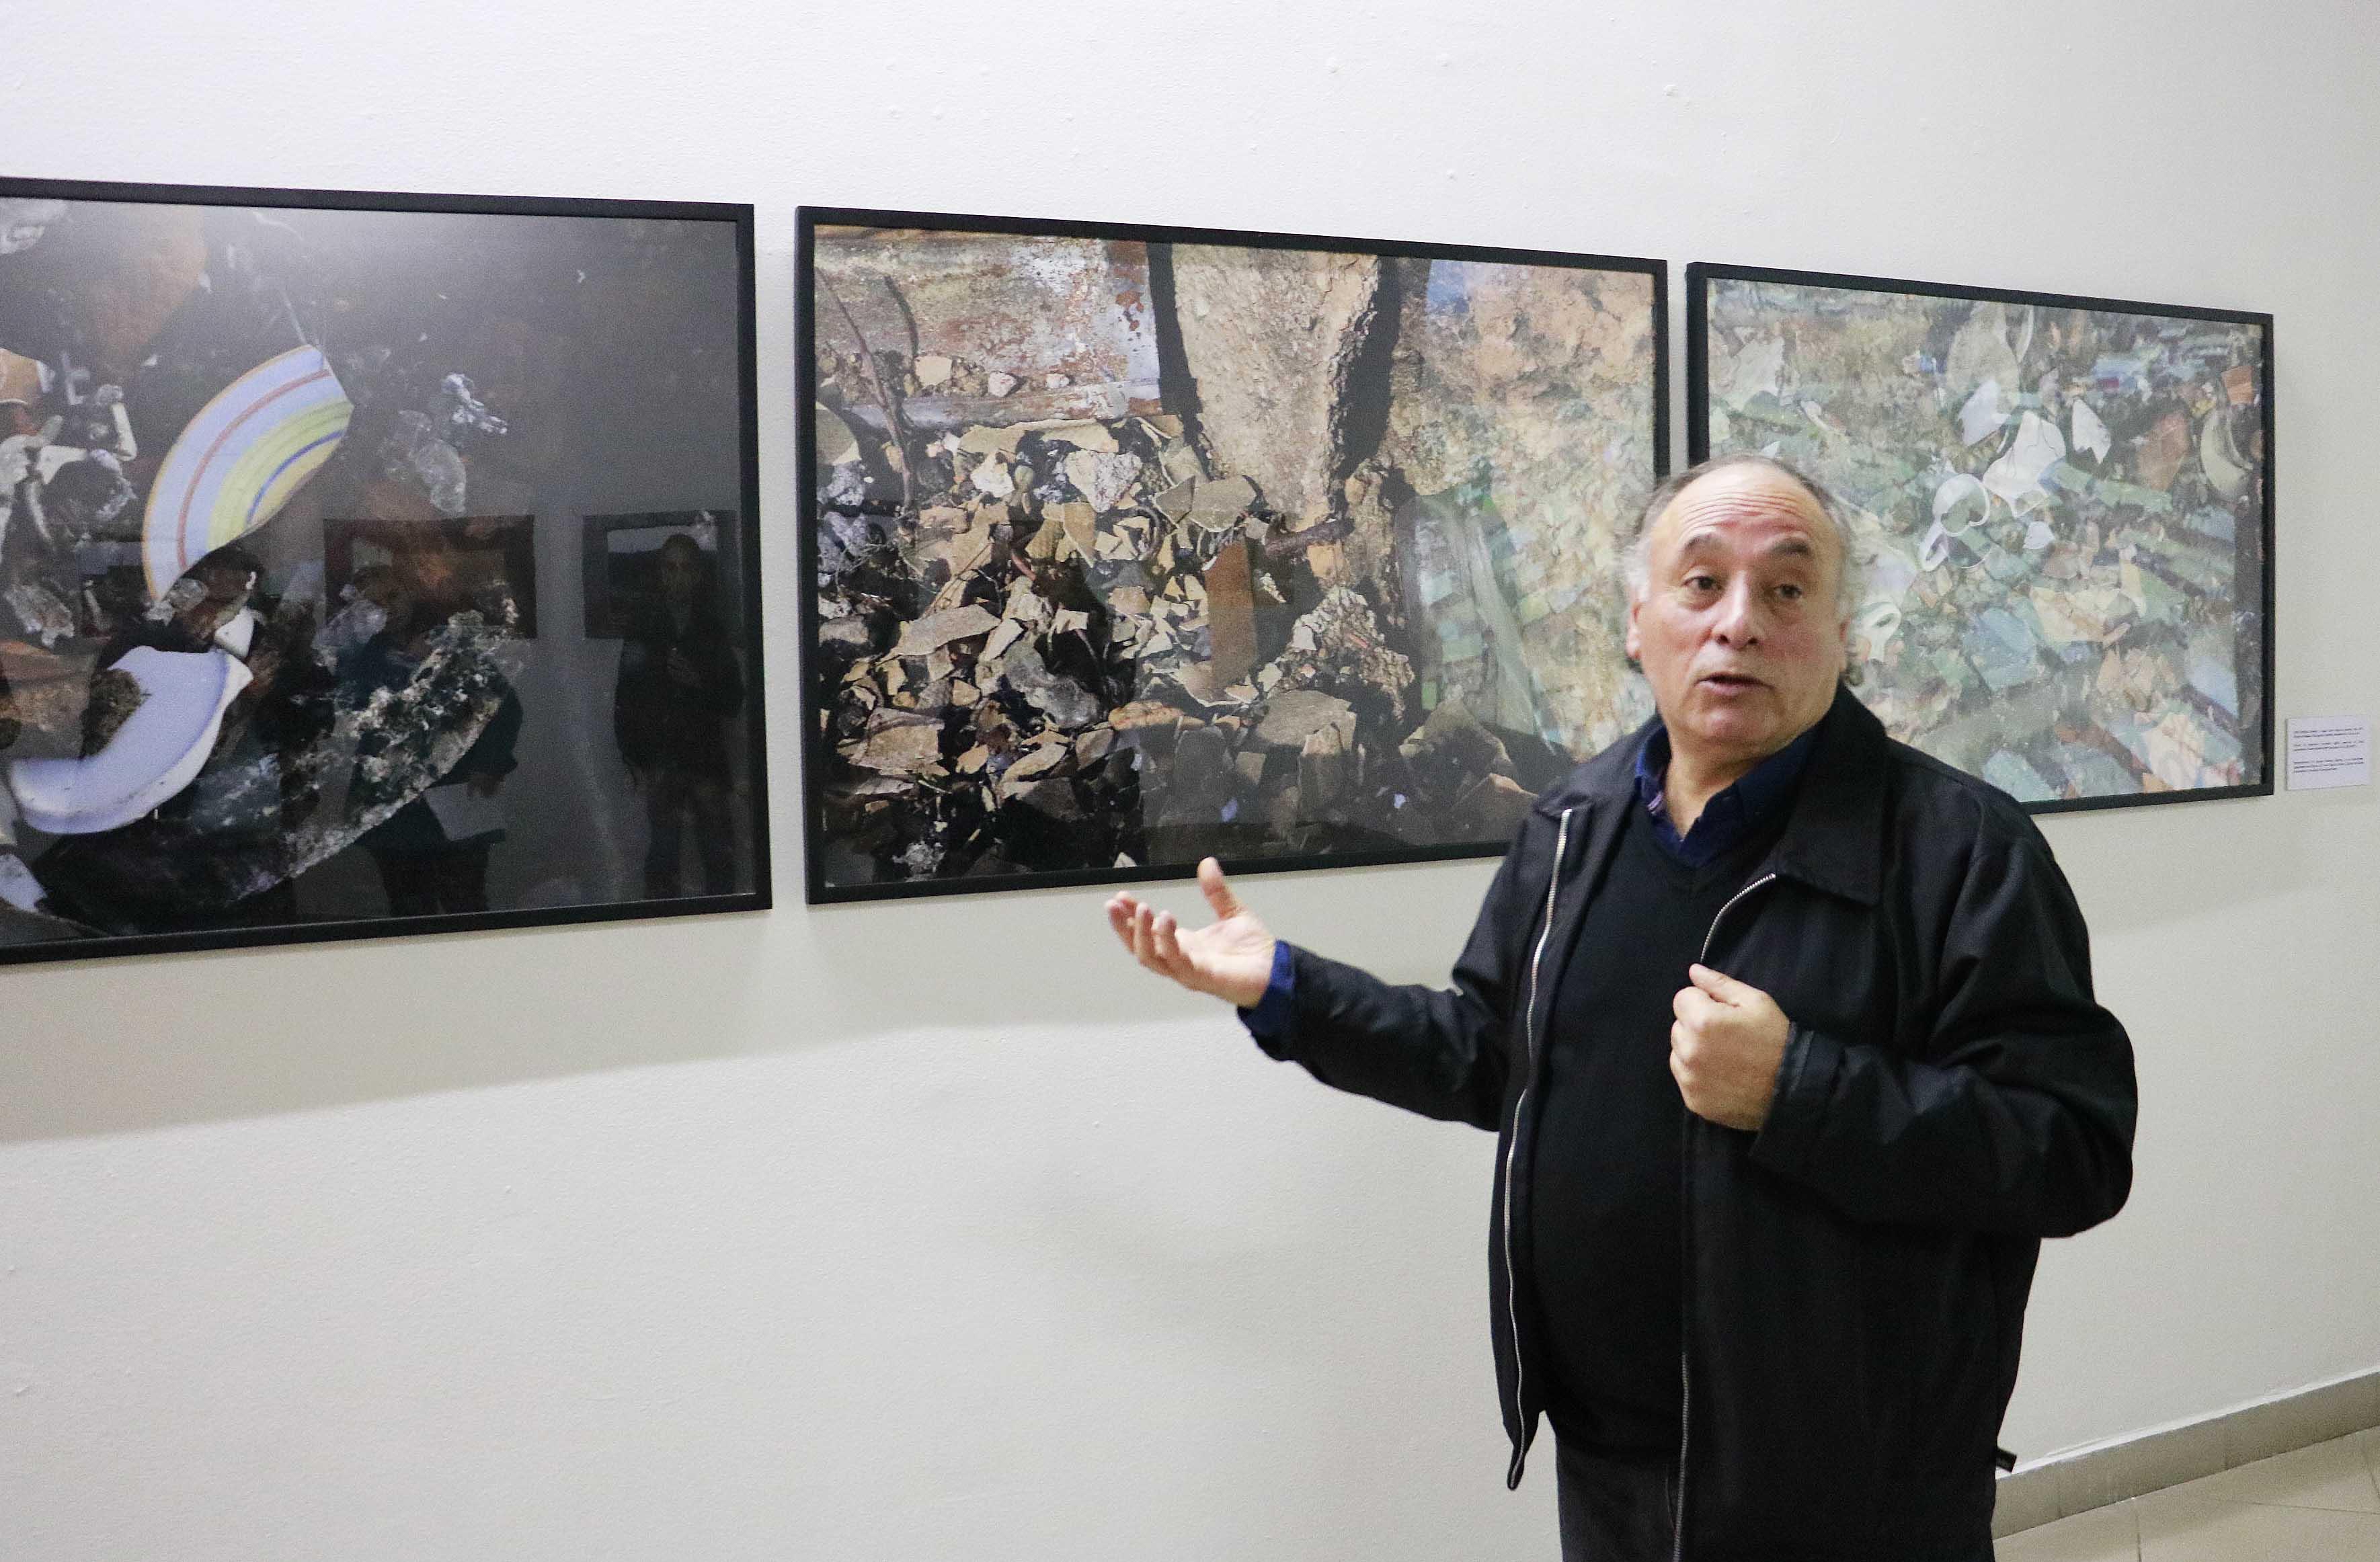 Exposición de académico del Departamento de Artes Plásticas se exhibe en Sala de Arte de Mall Plaza del Trébol